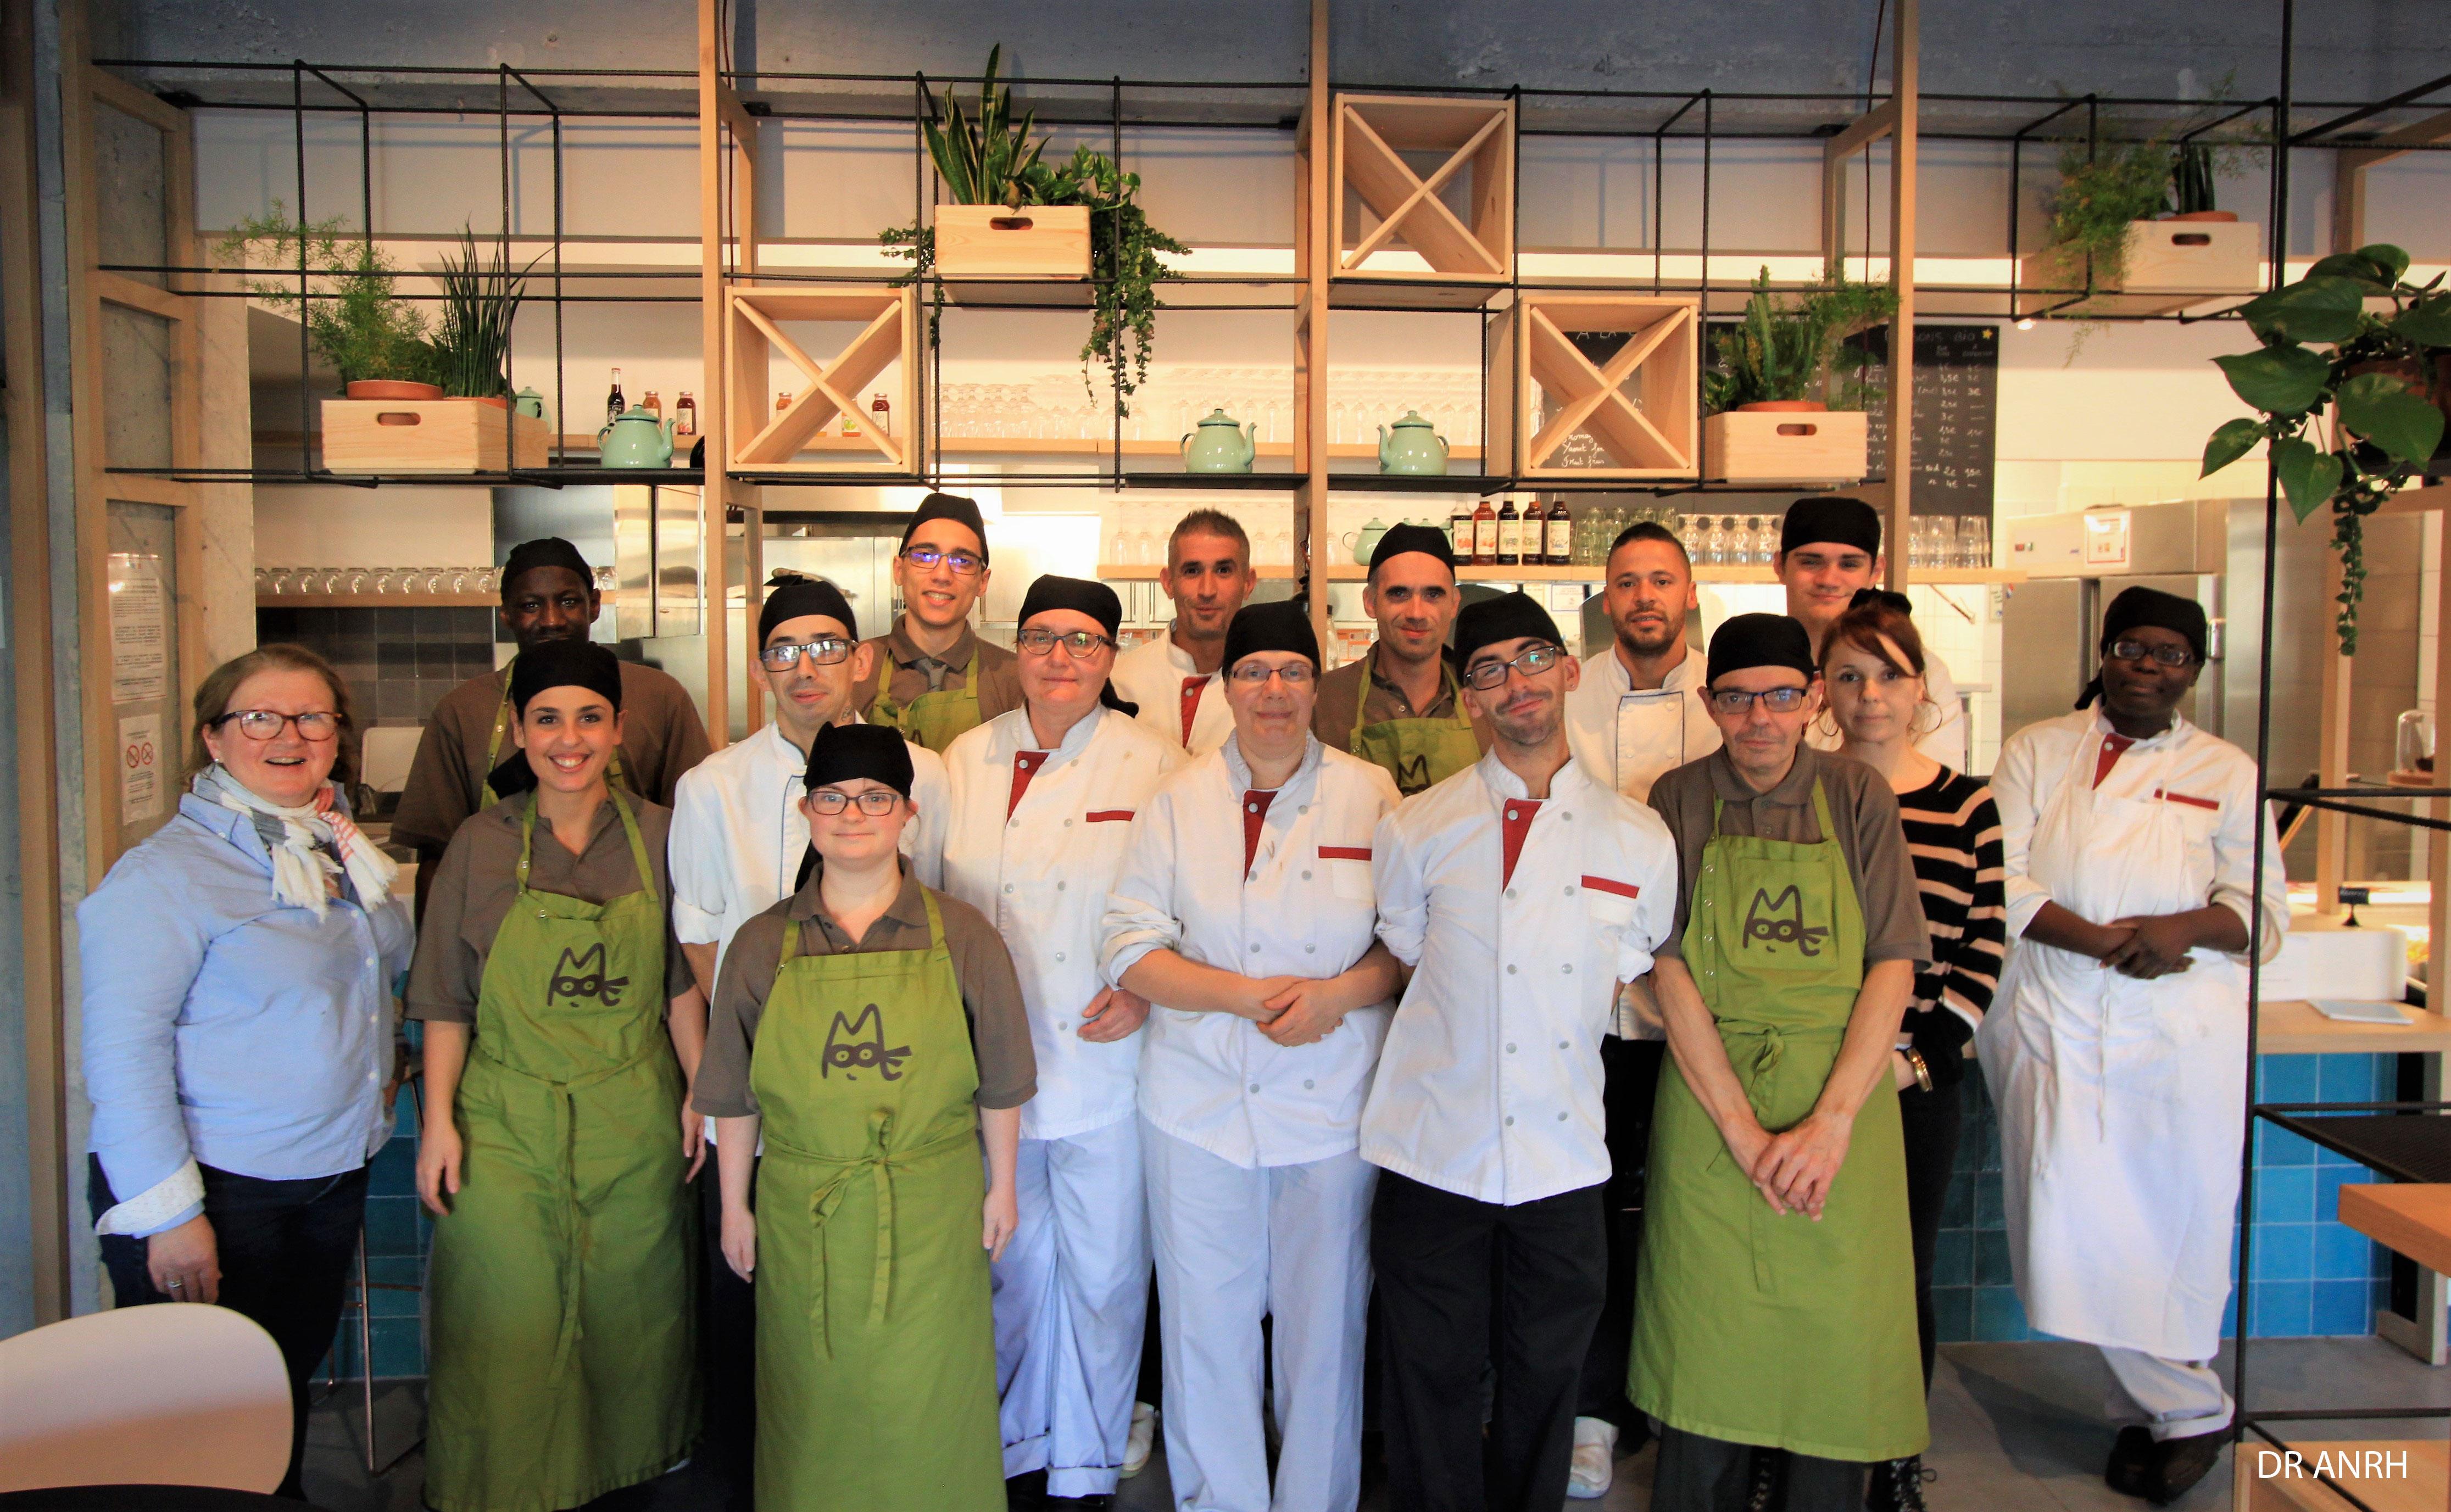 La bande à Maurice - Les petits plats de Maurice : un restaurant tenu par des travailleurs en situation de handicap